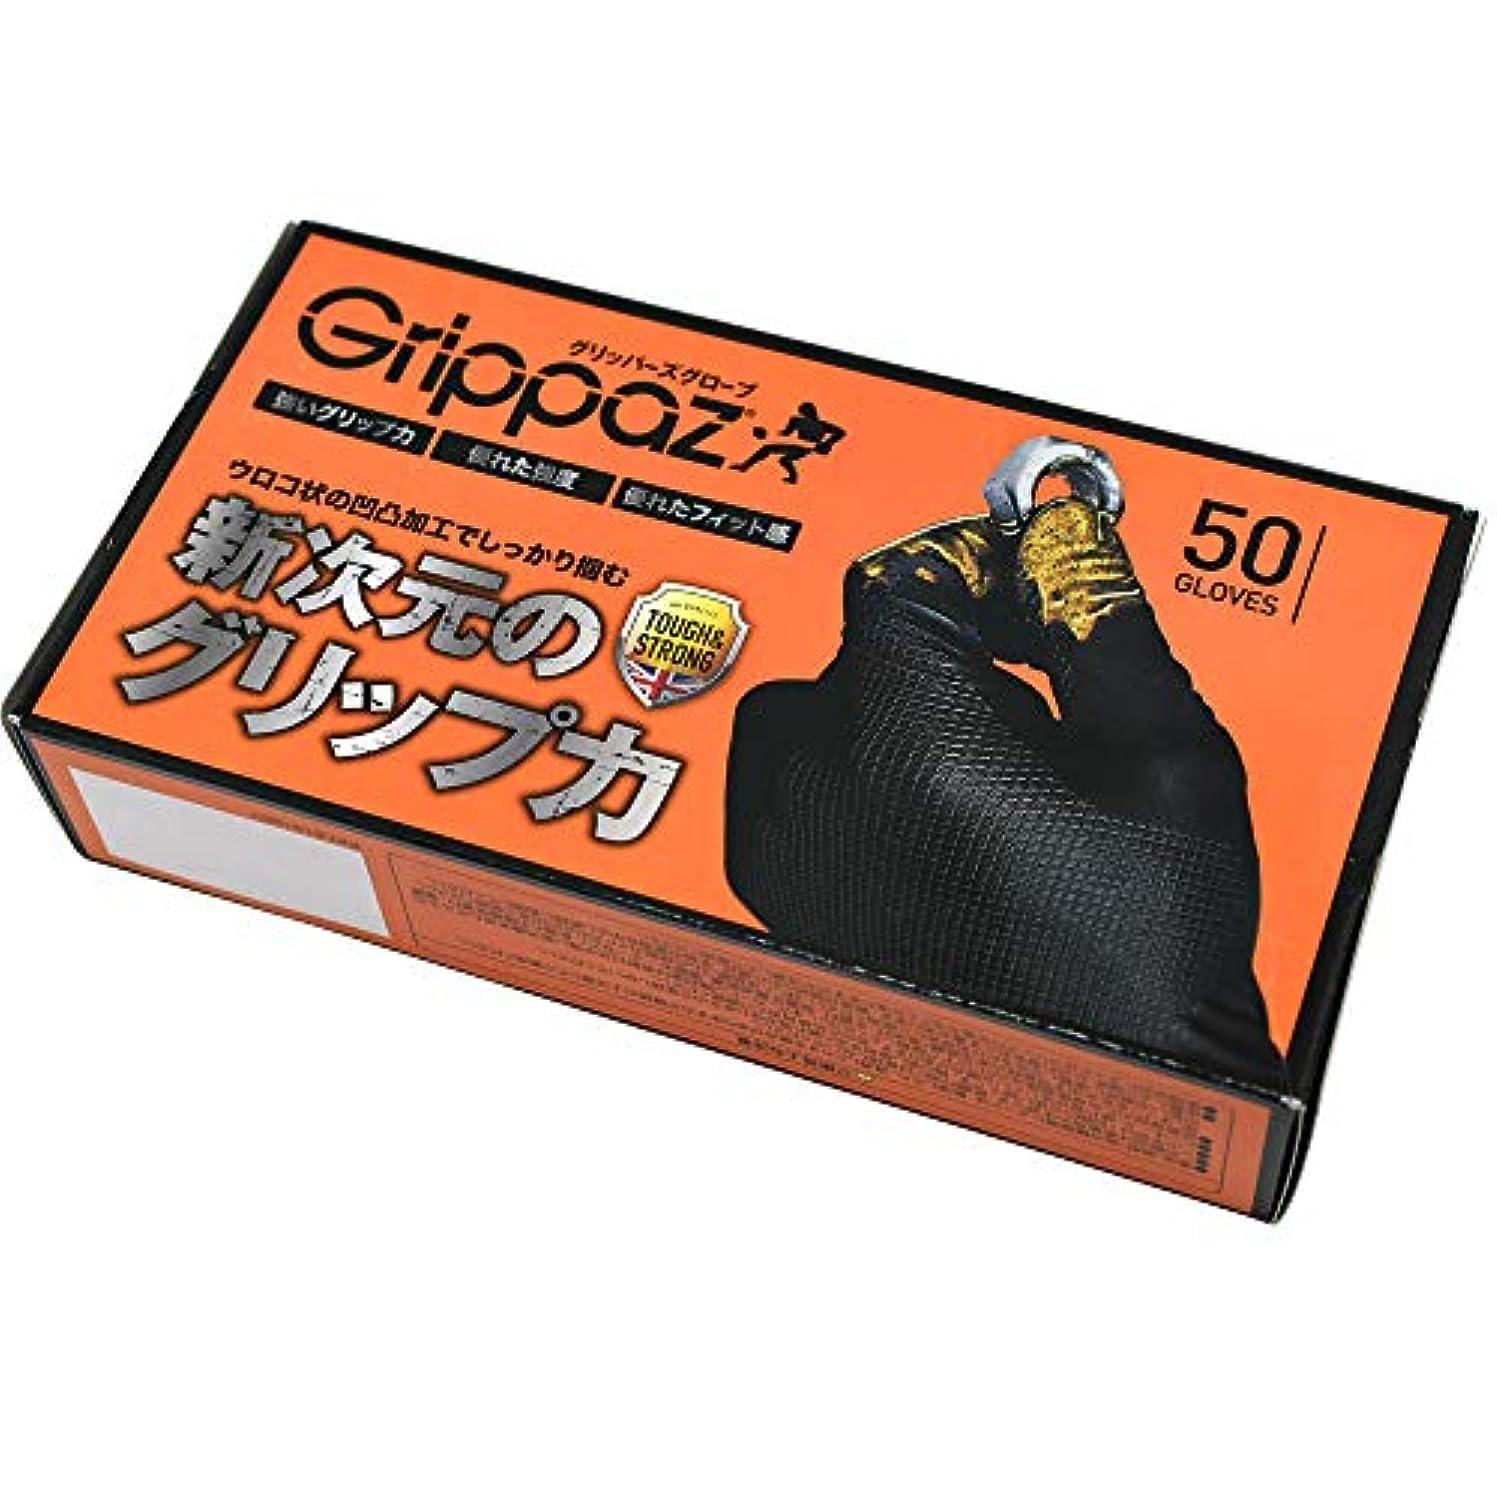 システムペインディスカウント原田産業 ニトリル手袋 グリッパーズグローブ 50枚入 XLサイズ パウダーフリー 左右兼用 自動車整備 メンテナンス